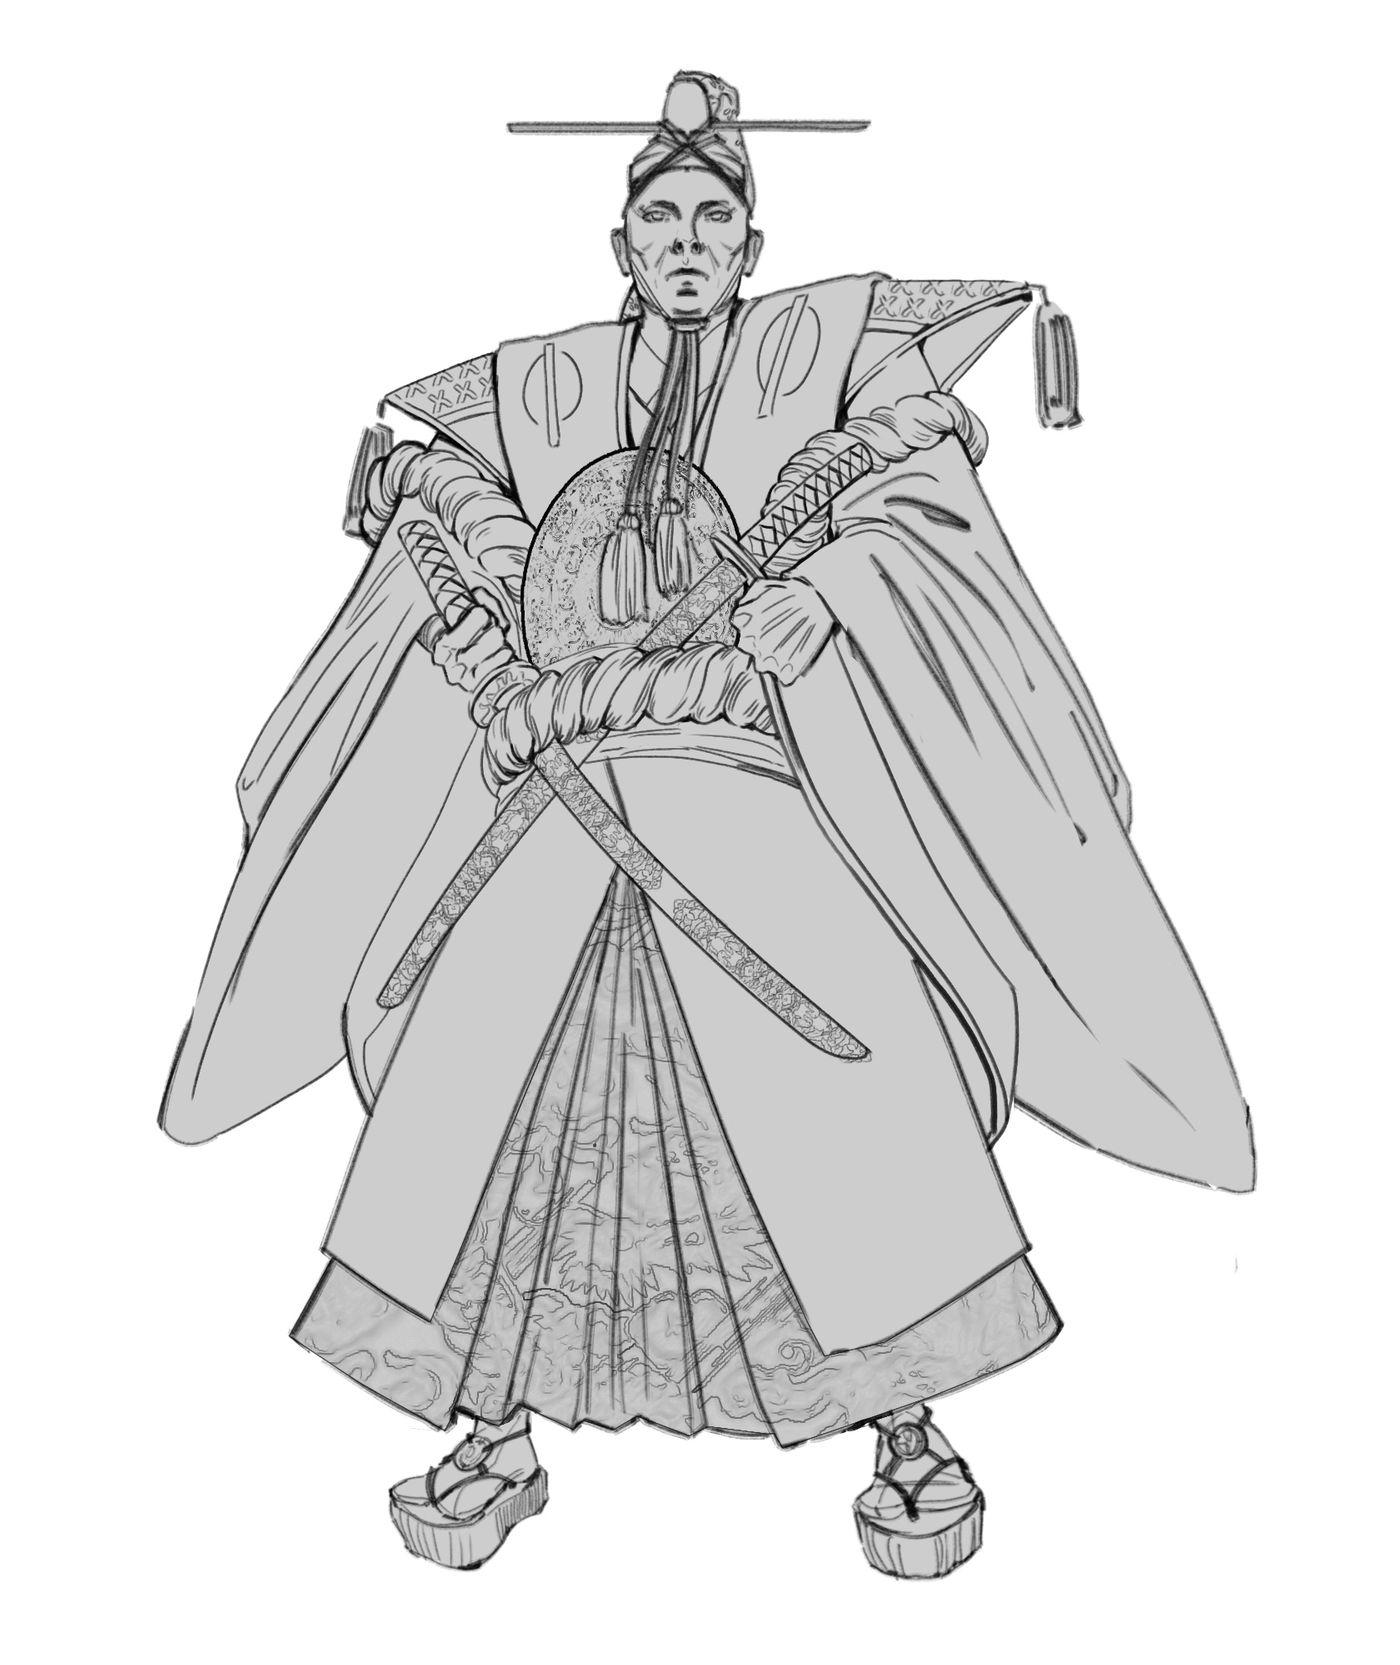 Daymio Sketch Teodorapetkova